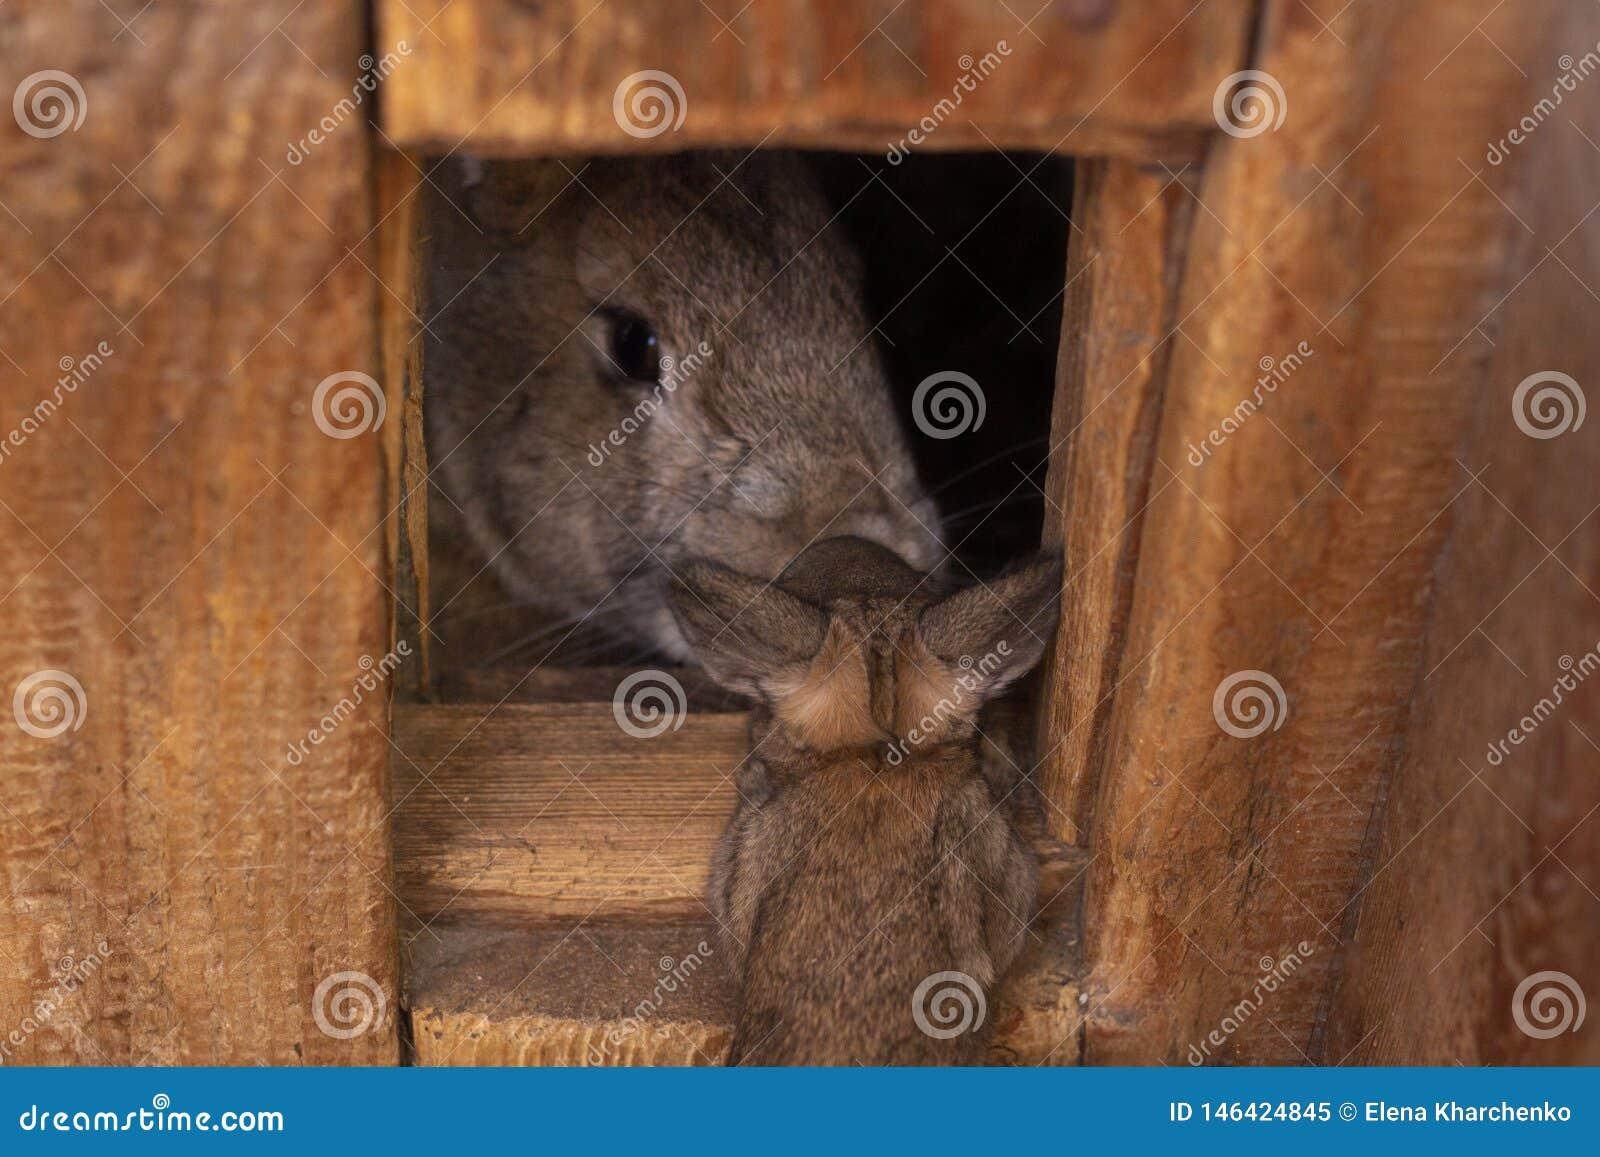 Graues Kaninchen schaut aus seinem Holzhausbaby heraus, das Kaninchen zu seiner Mutter kam